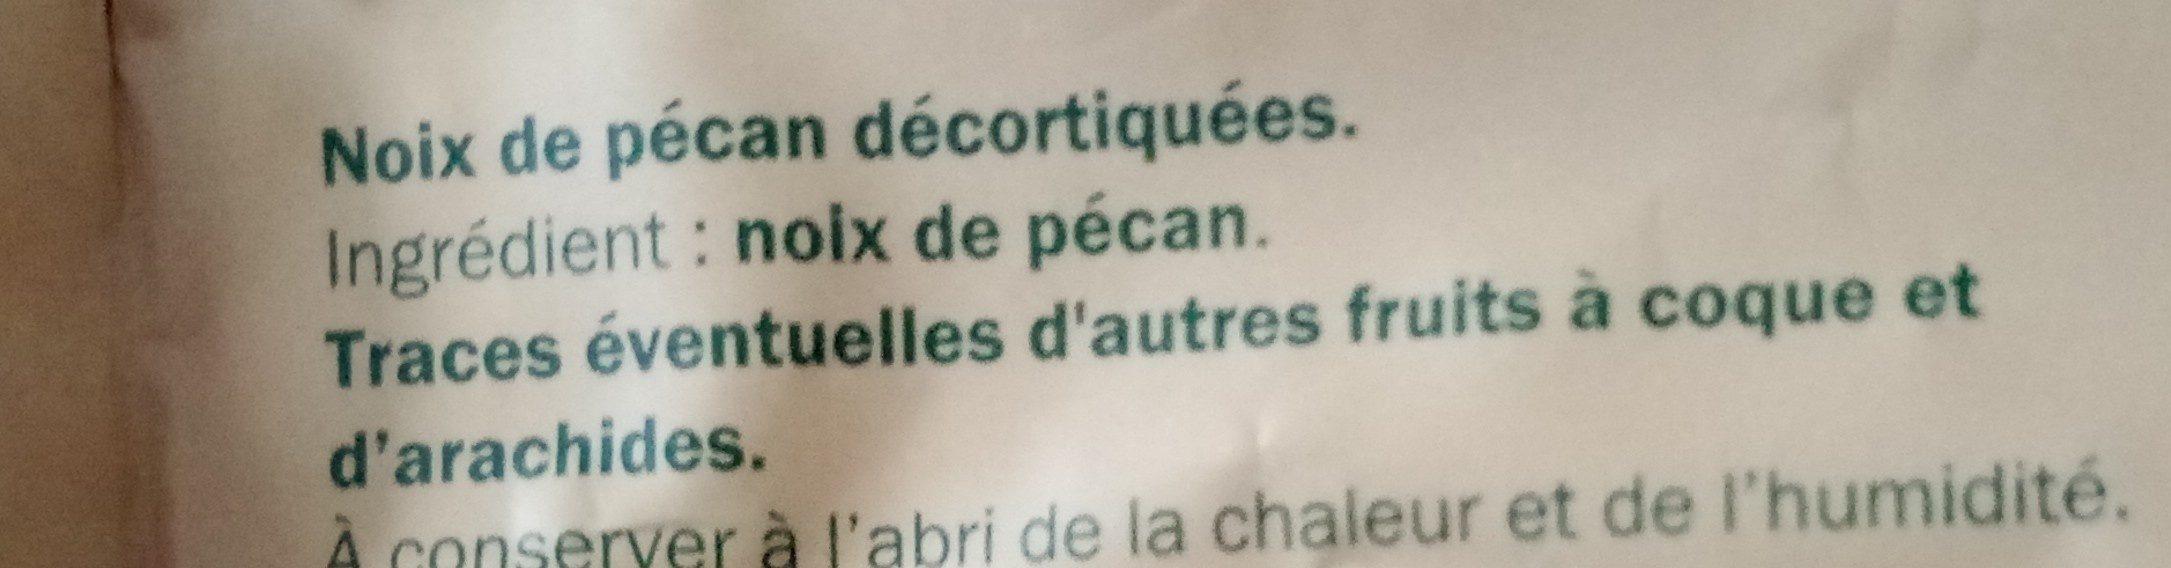 Noix de pécan - Ingrédients - fr